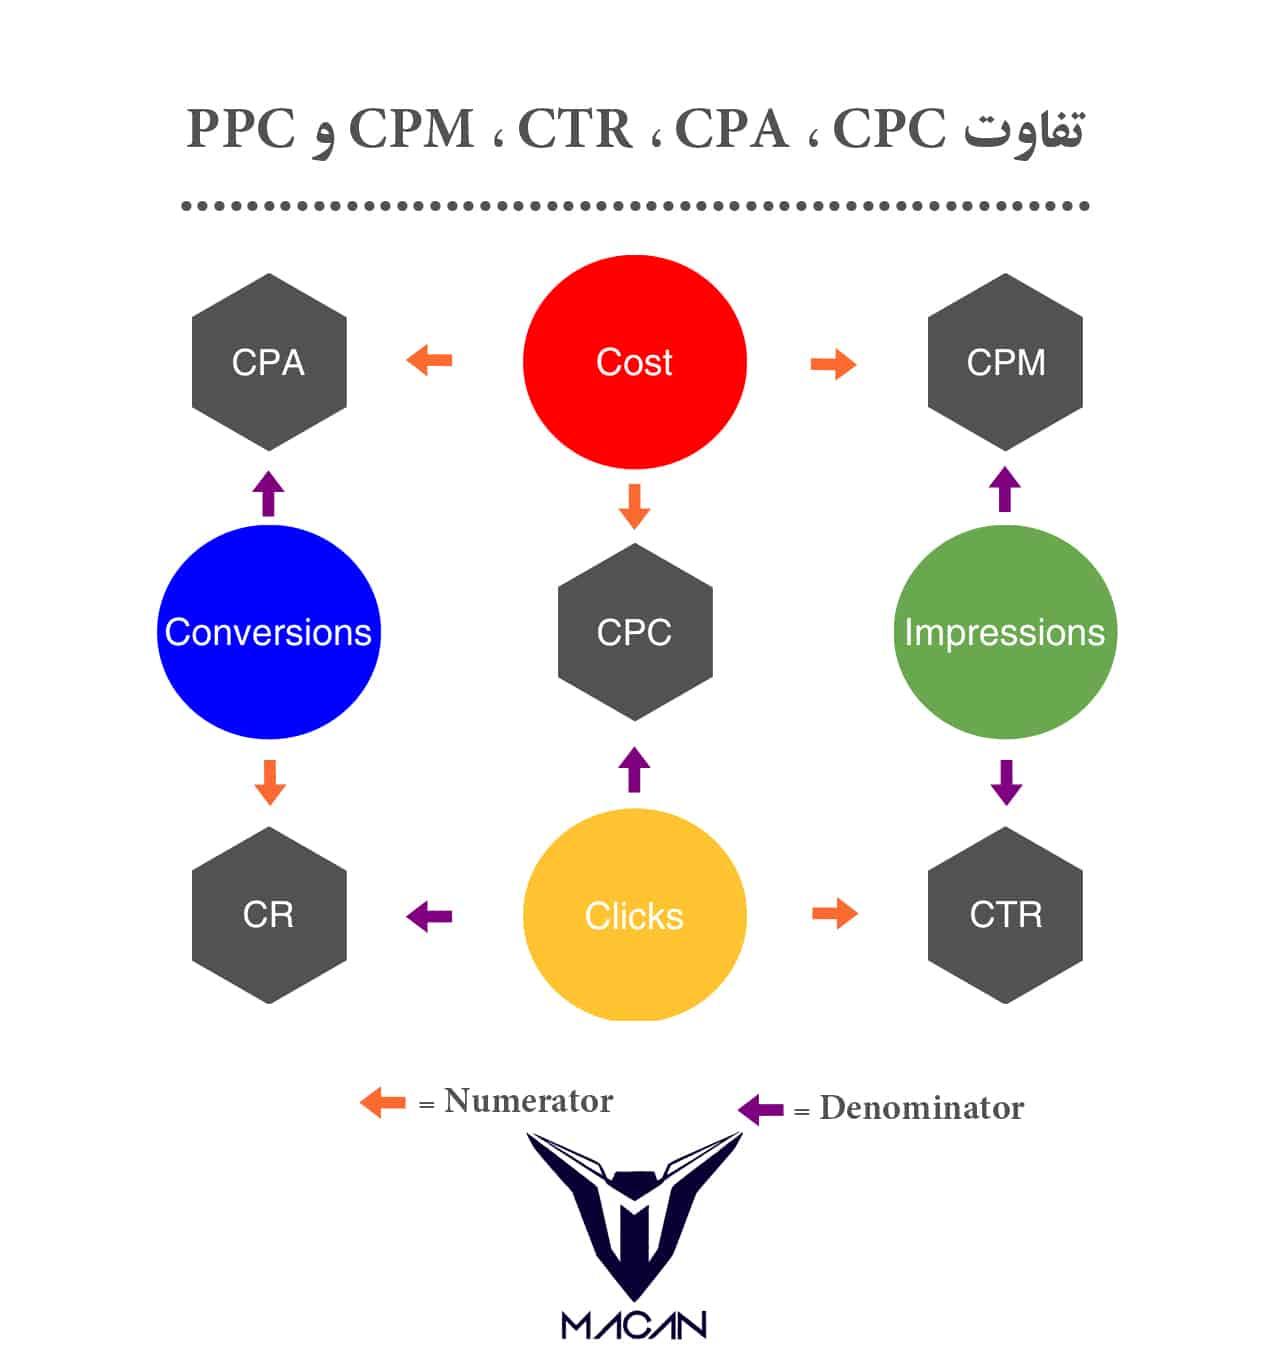 تفاوت CPM ، CTR ، CPA ، CPC و PPC